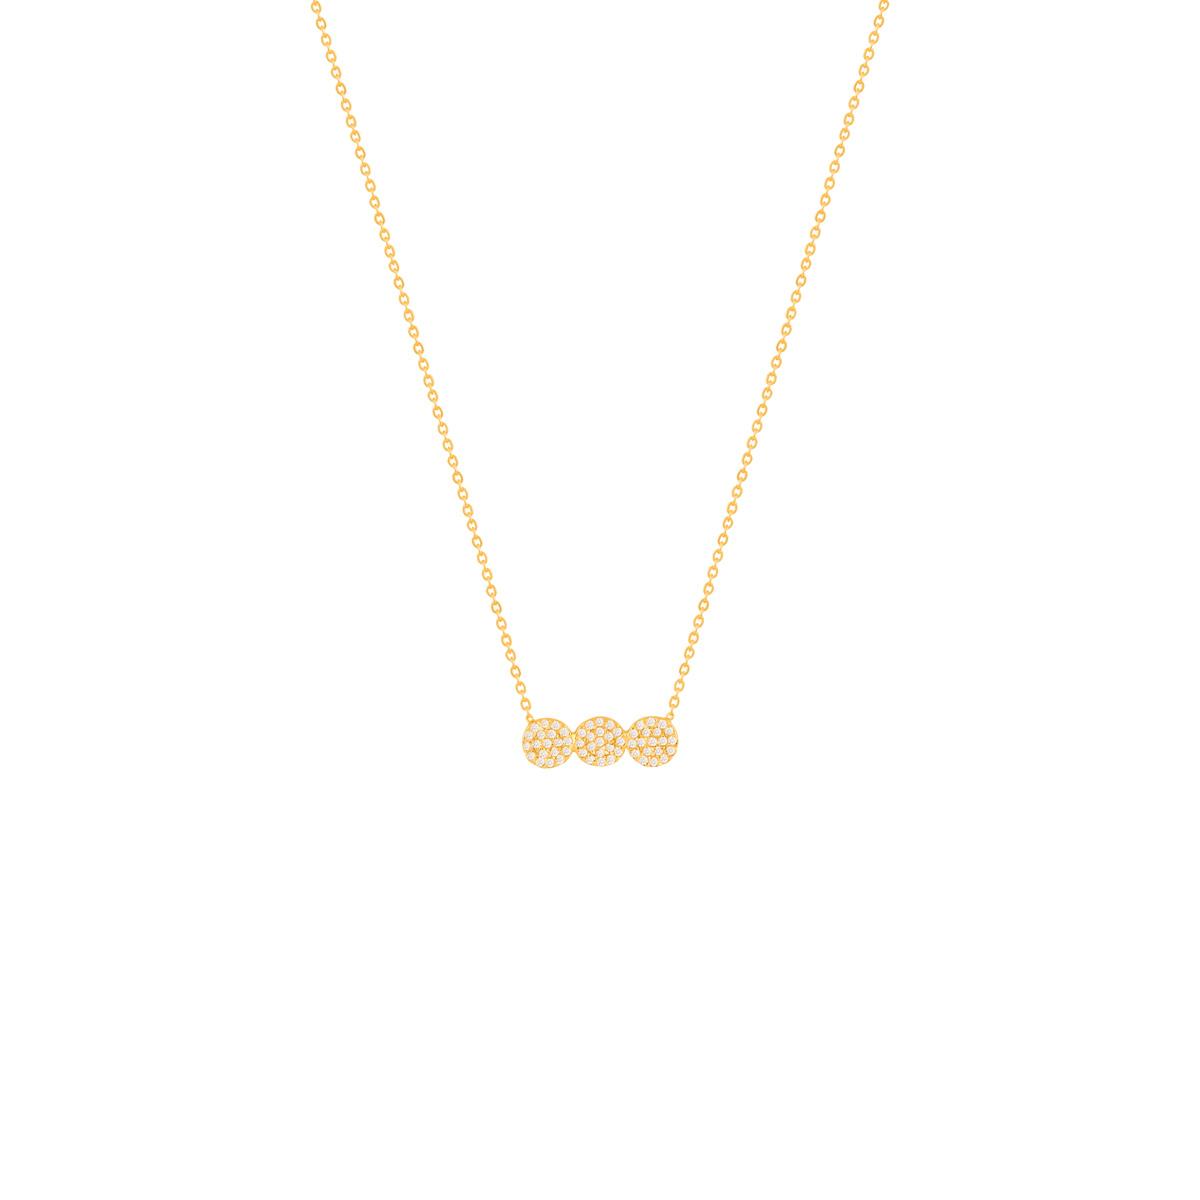 گردنبند طلا سه دایره کوچک نگین دار پرسته